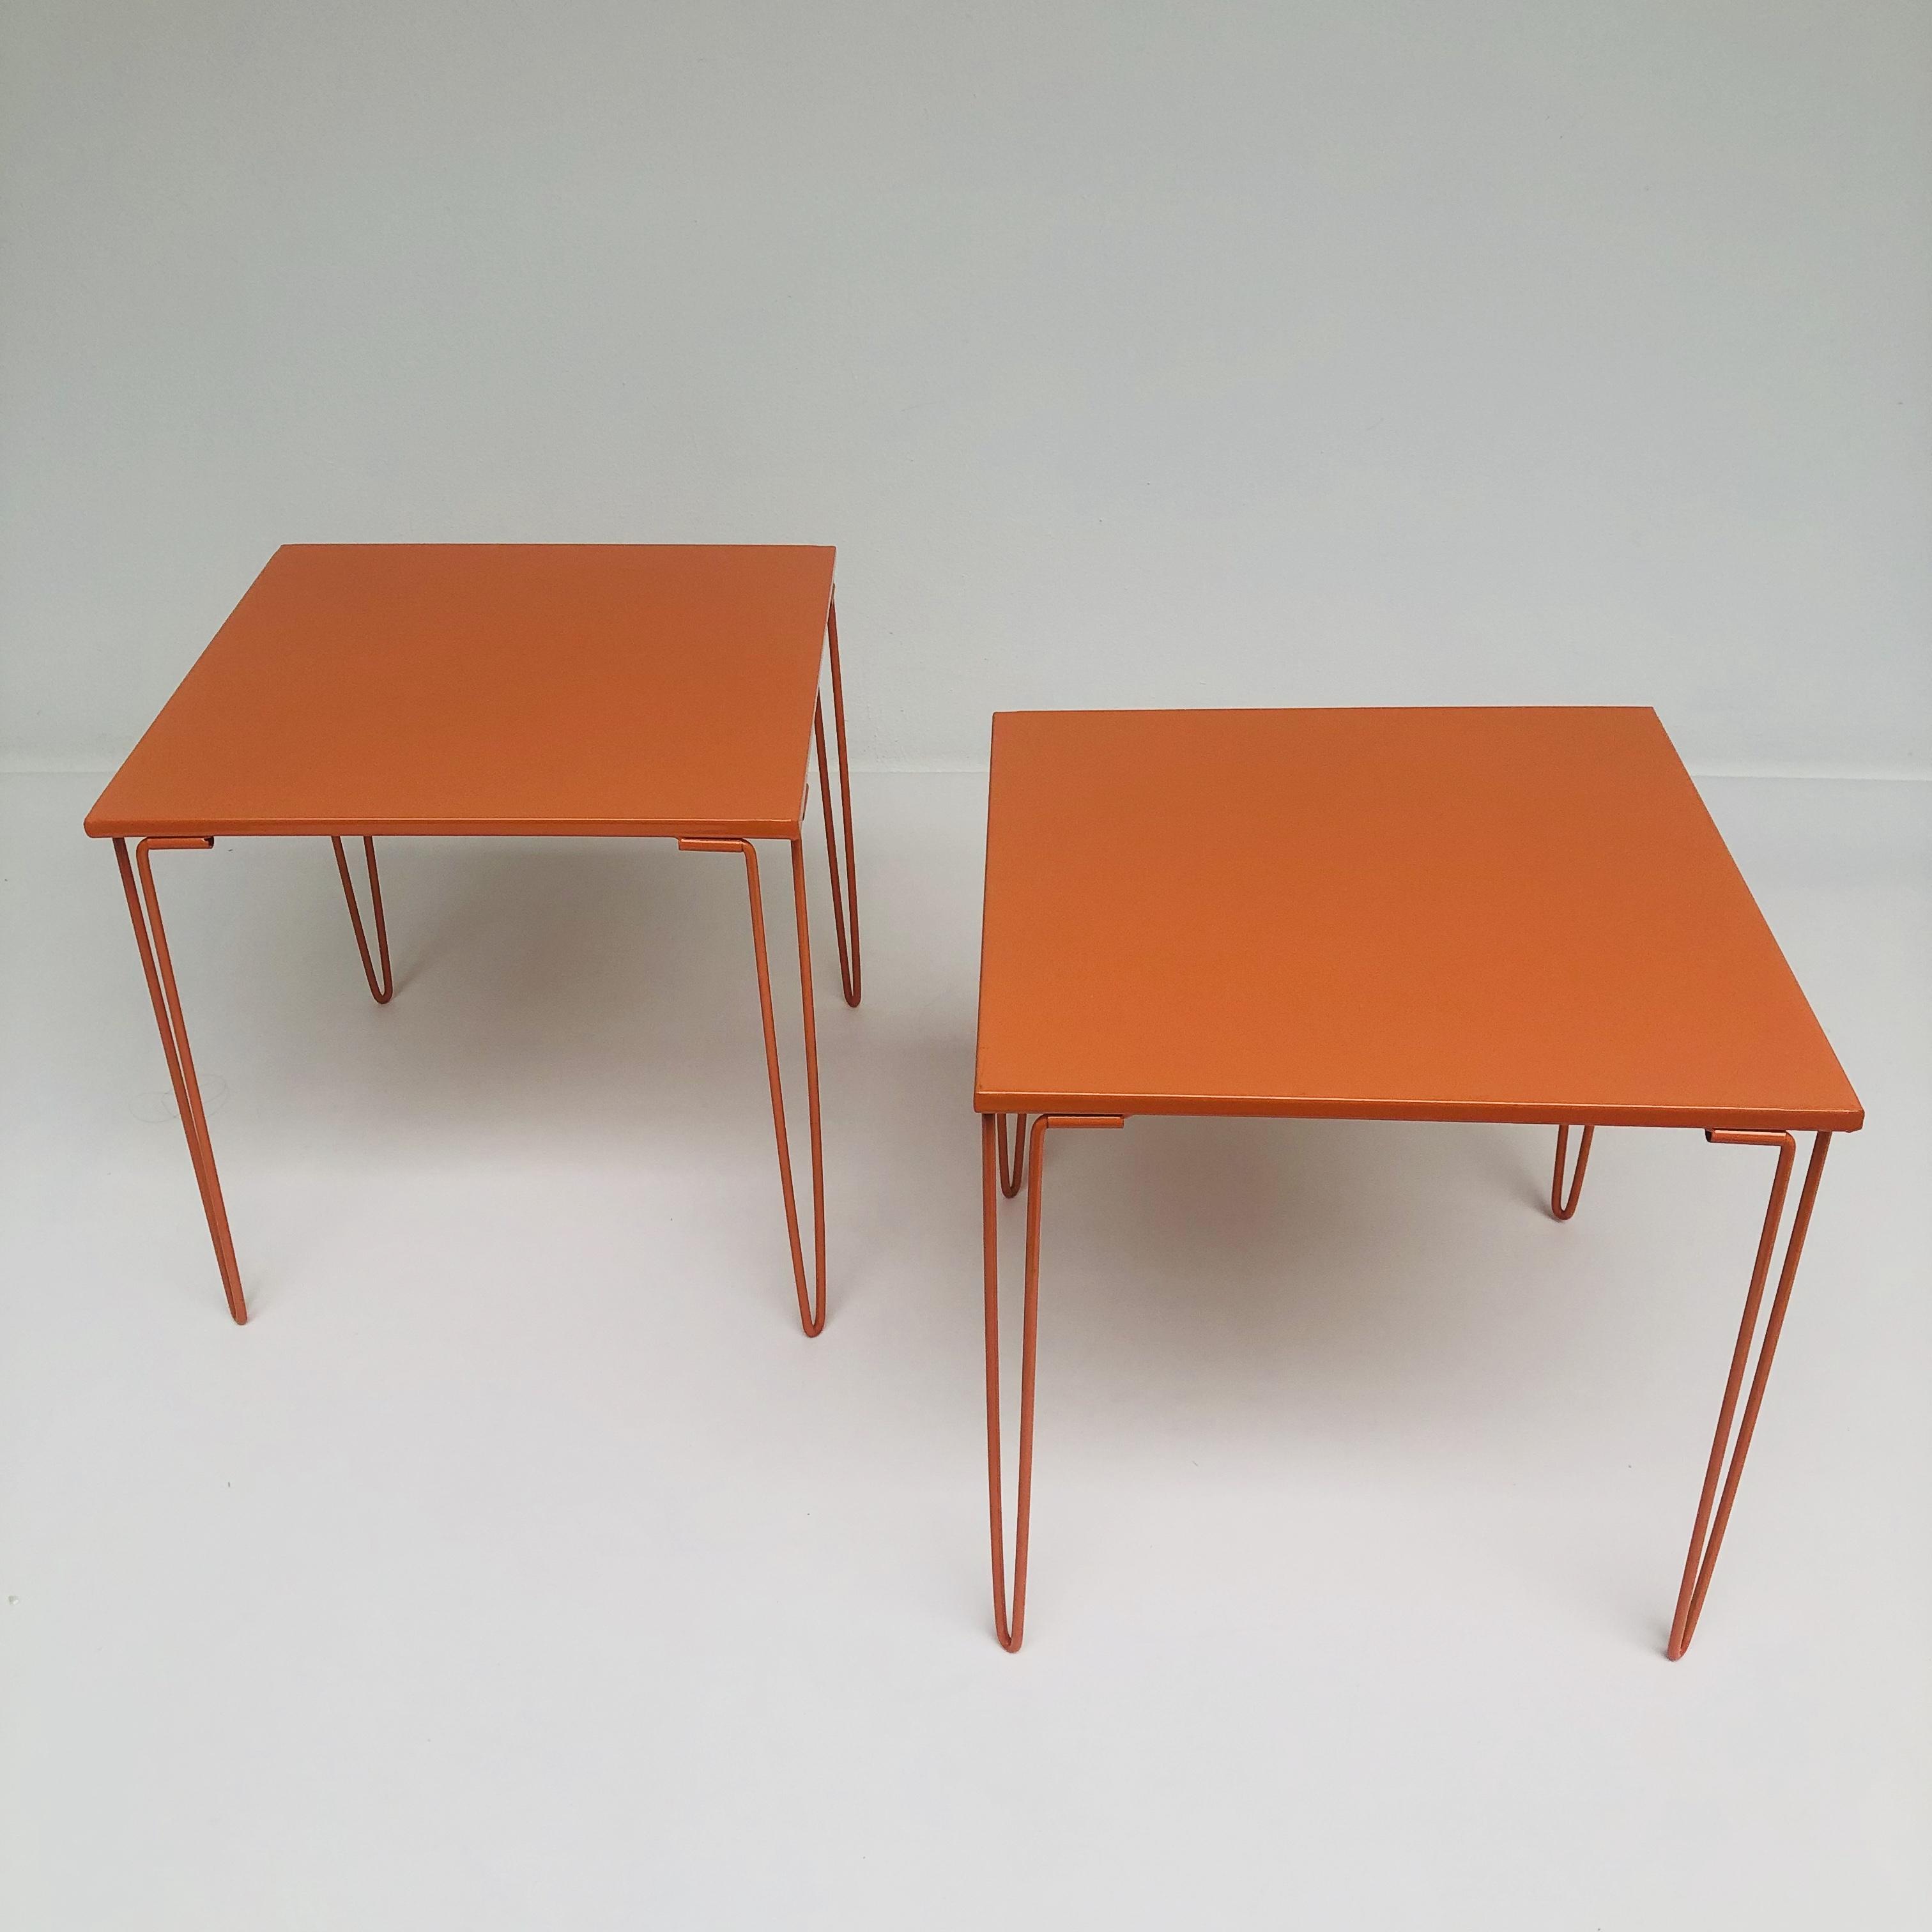 3 Vintage Bijzettafeltjes.Vintage Oranje Ijzeren Bijzettafeltjes Jaren 70